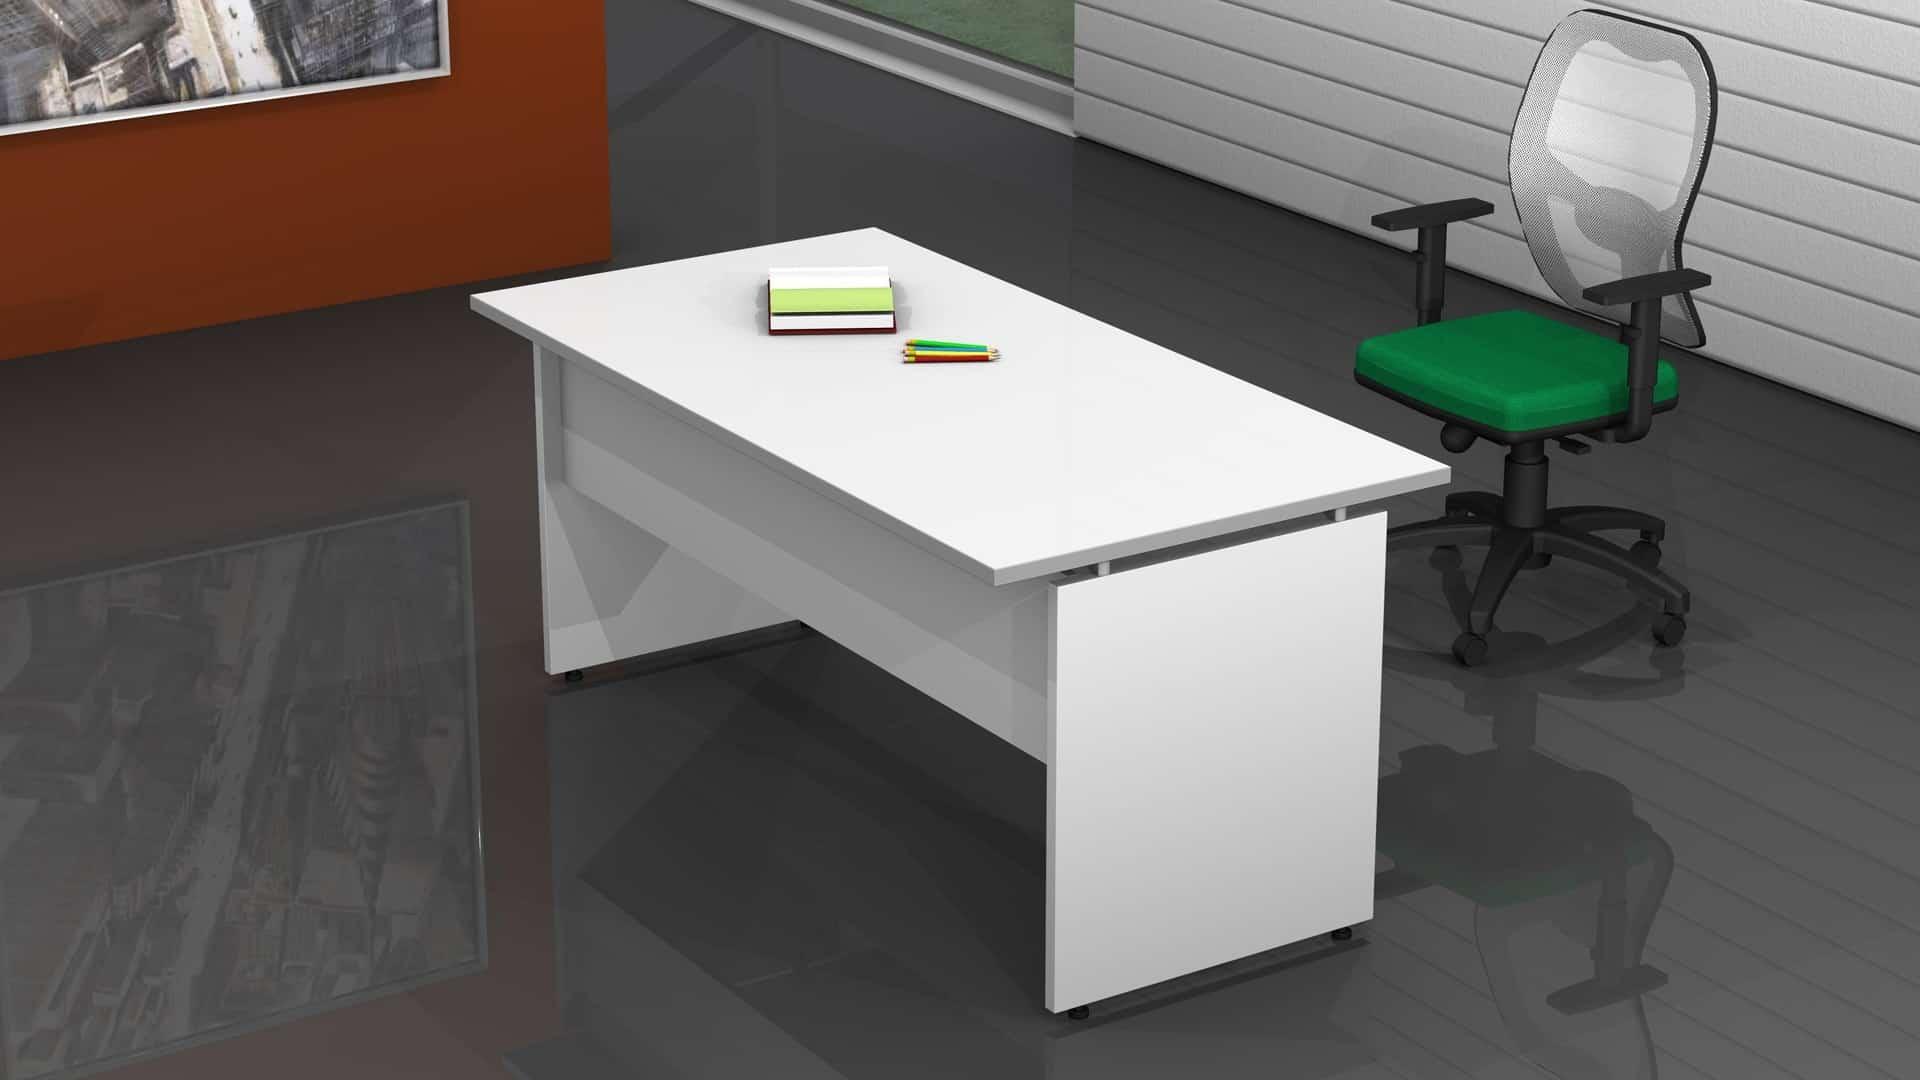 Mobili Per Ufficio Qualità : Mobili per ufficio fumu alla conquista della qualità totale